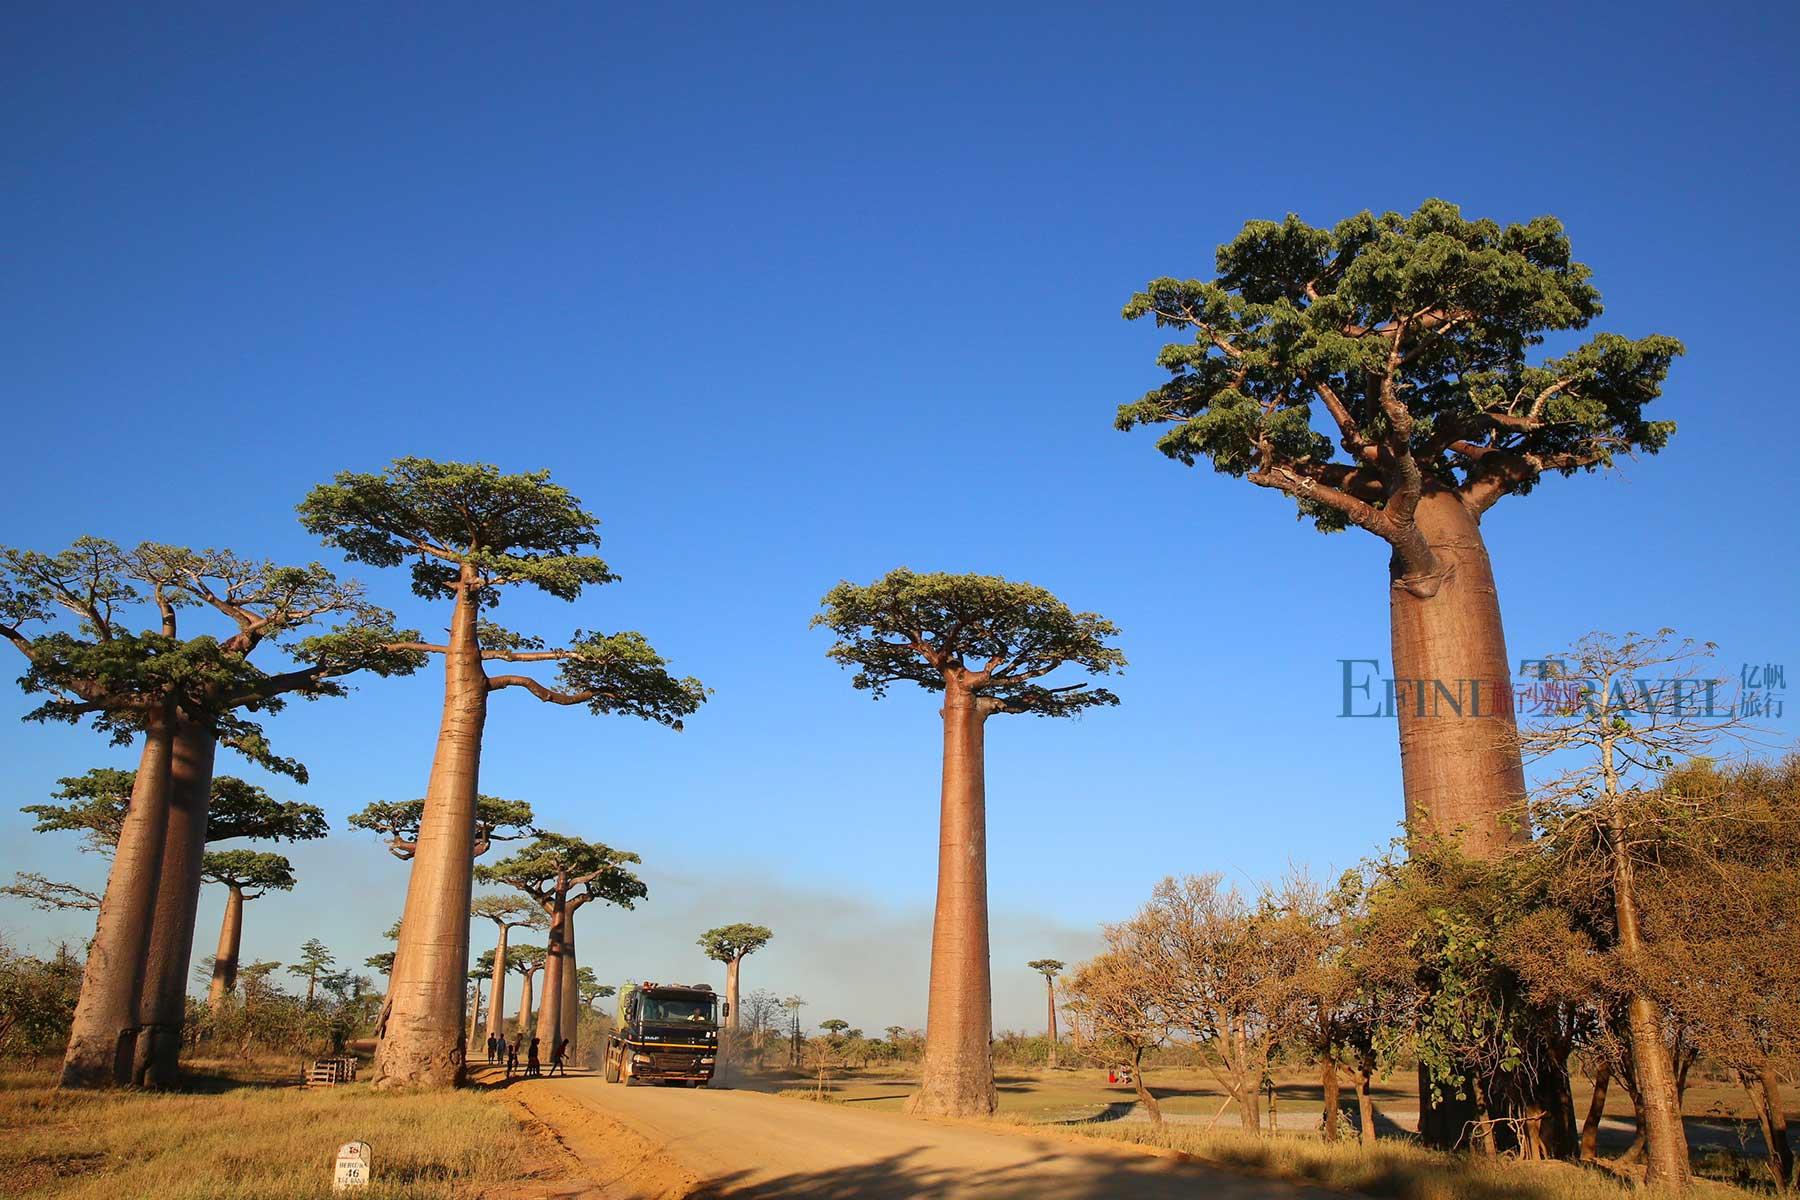 马达加斯加穆龙达瓦猴面包树大道